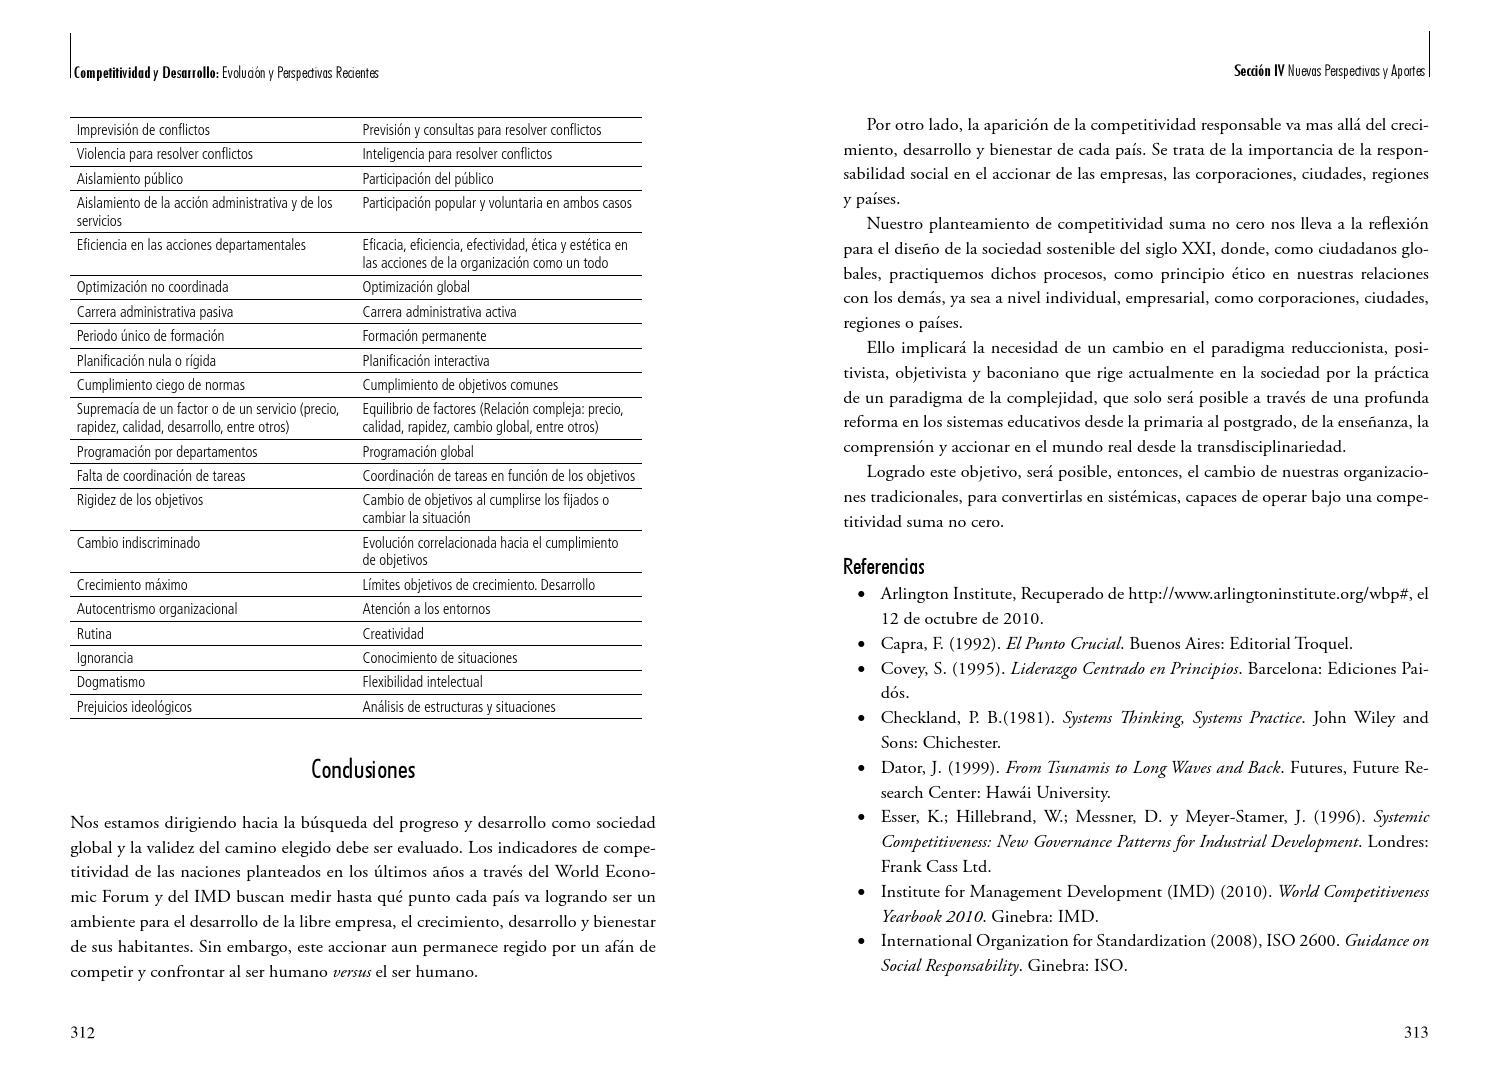 97274515 libro ceplan competitividad y desarrollo by Alexander ...